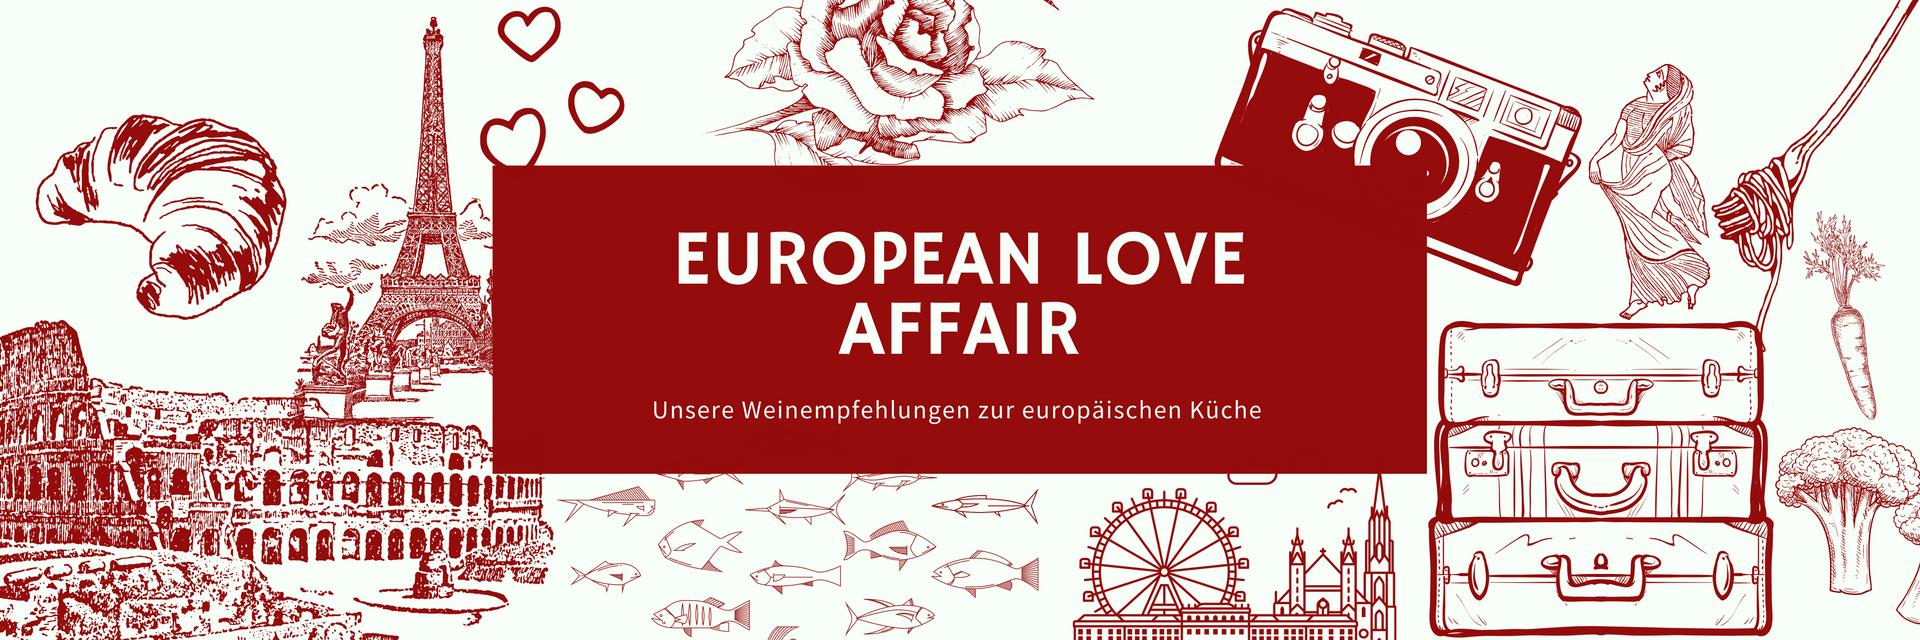 European Love Affair